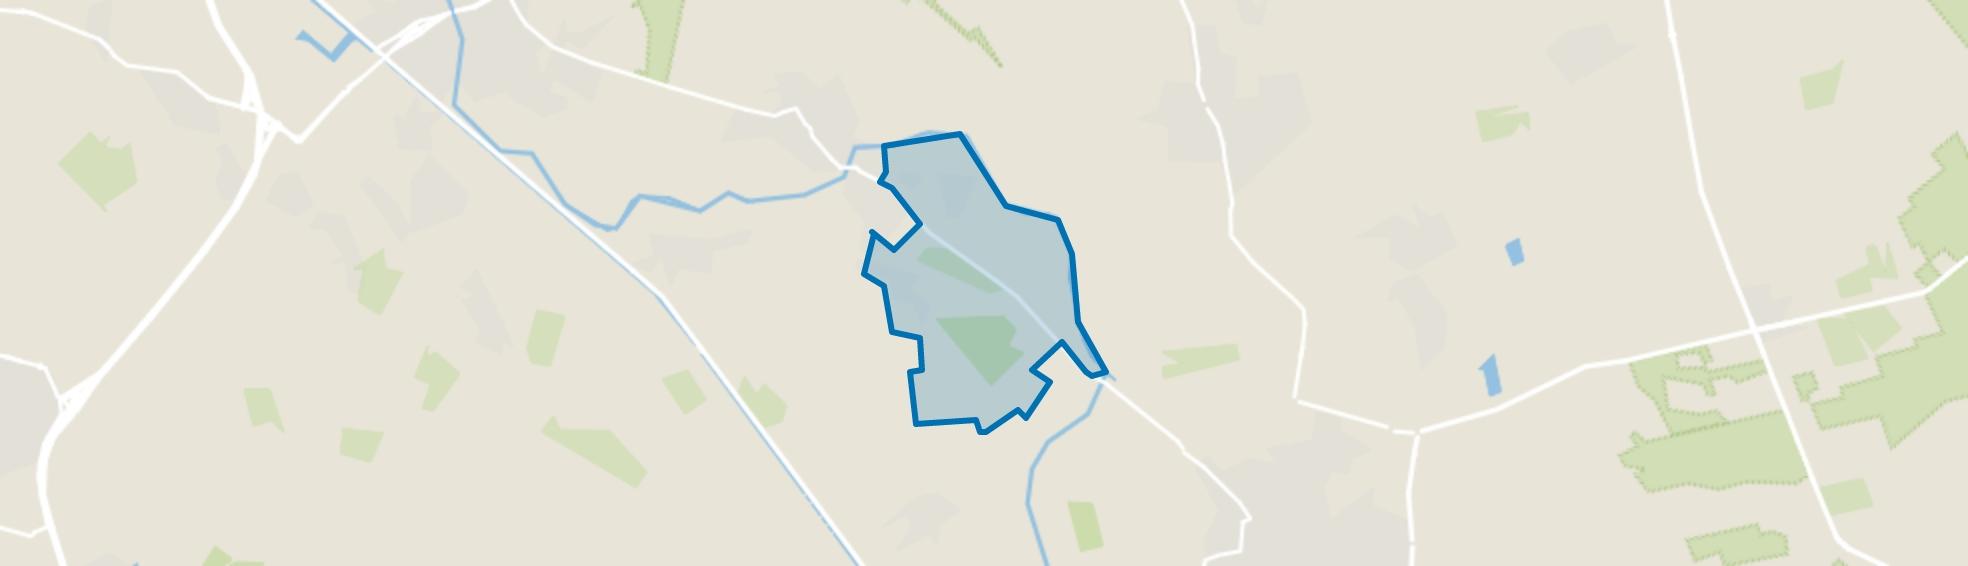 Buitengebied Hurkske en Hoek, Erp map